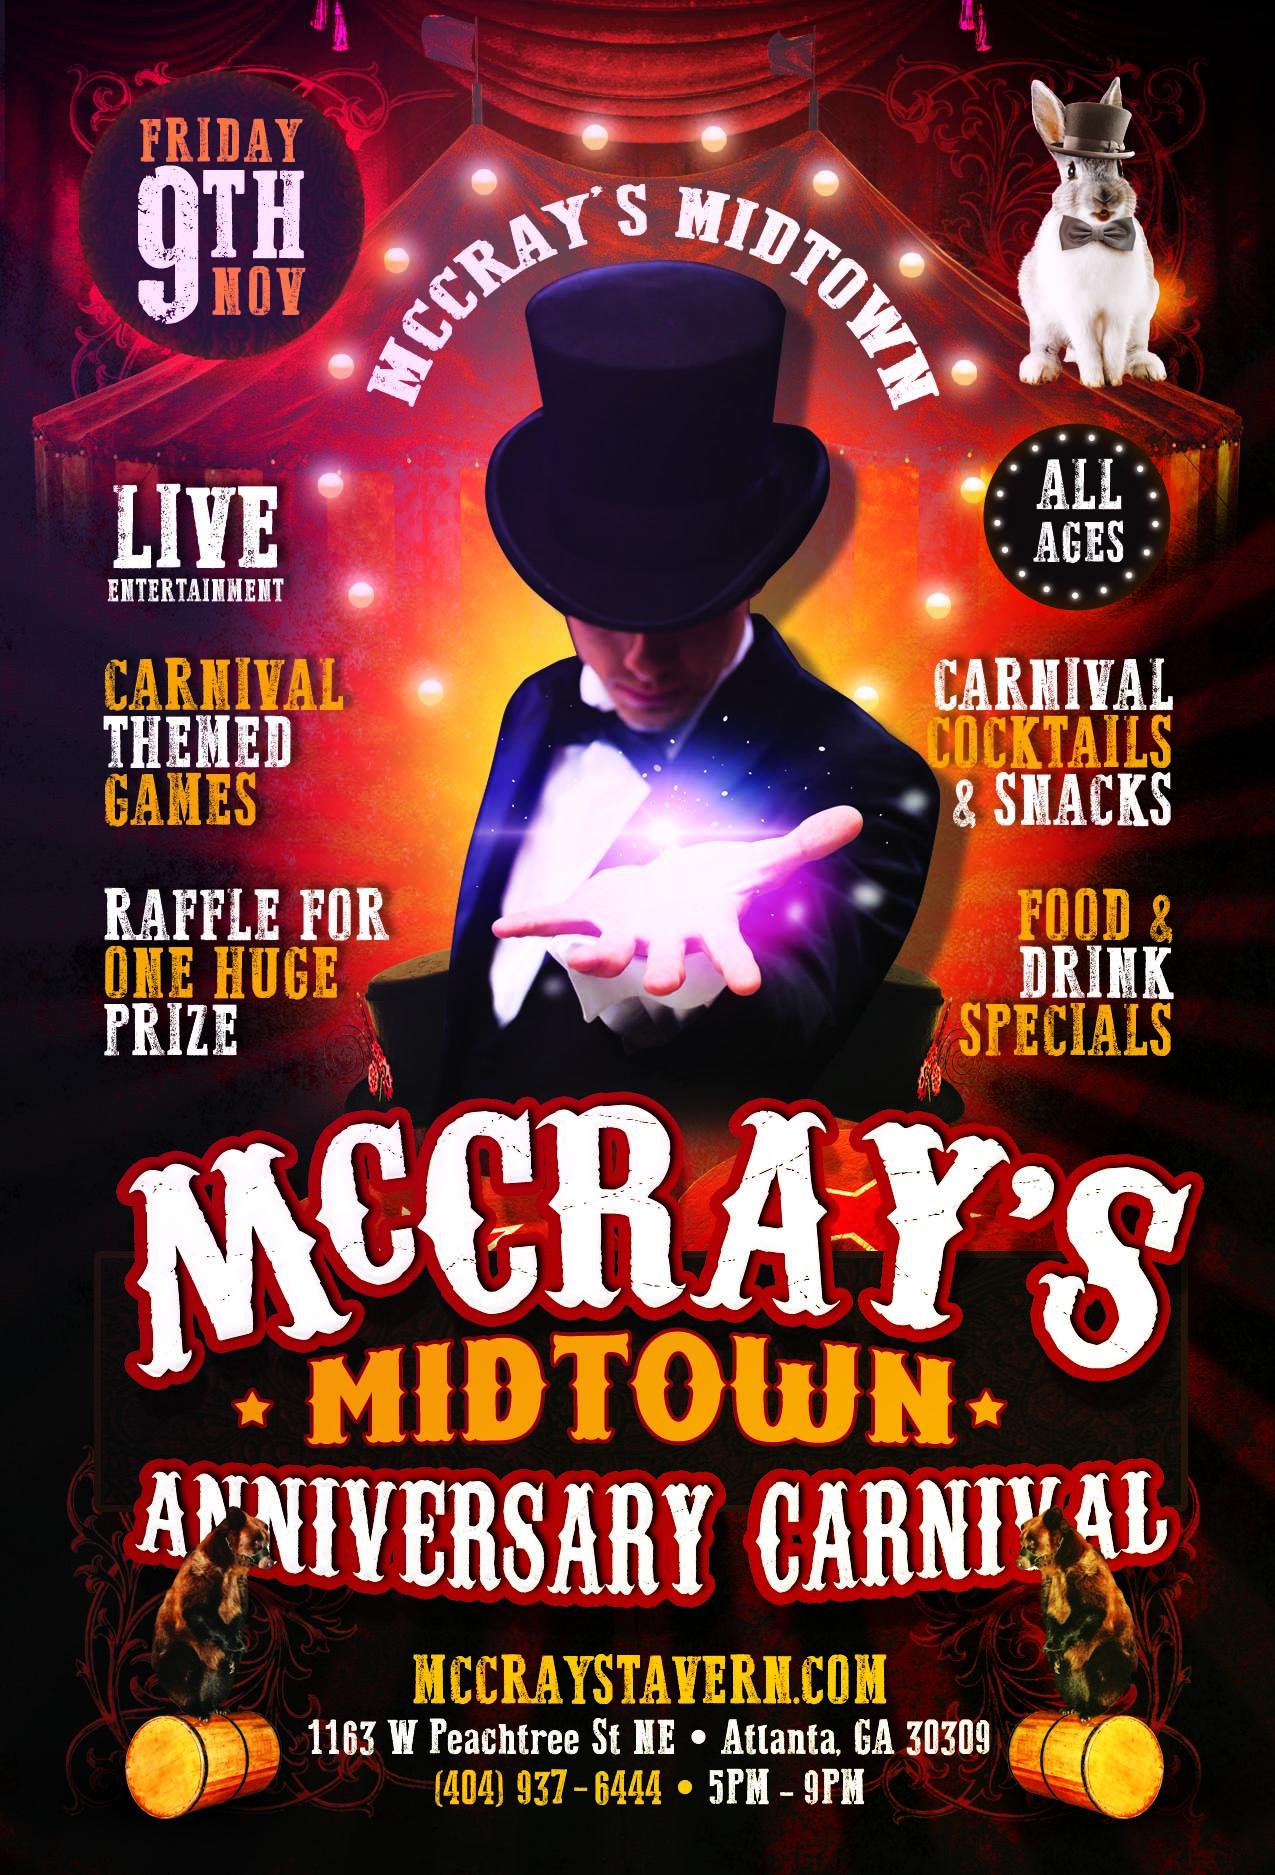 McCray's Midtown 1 Year Anniversary